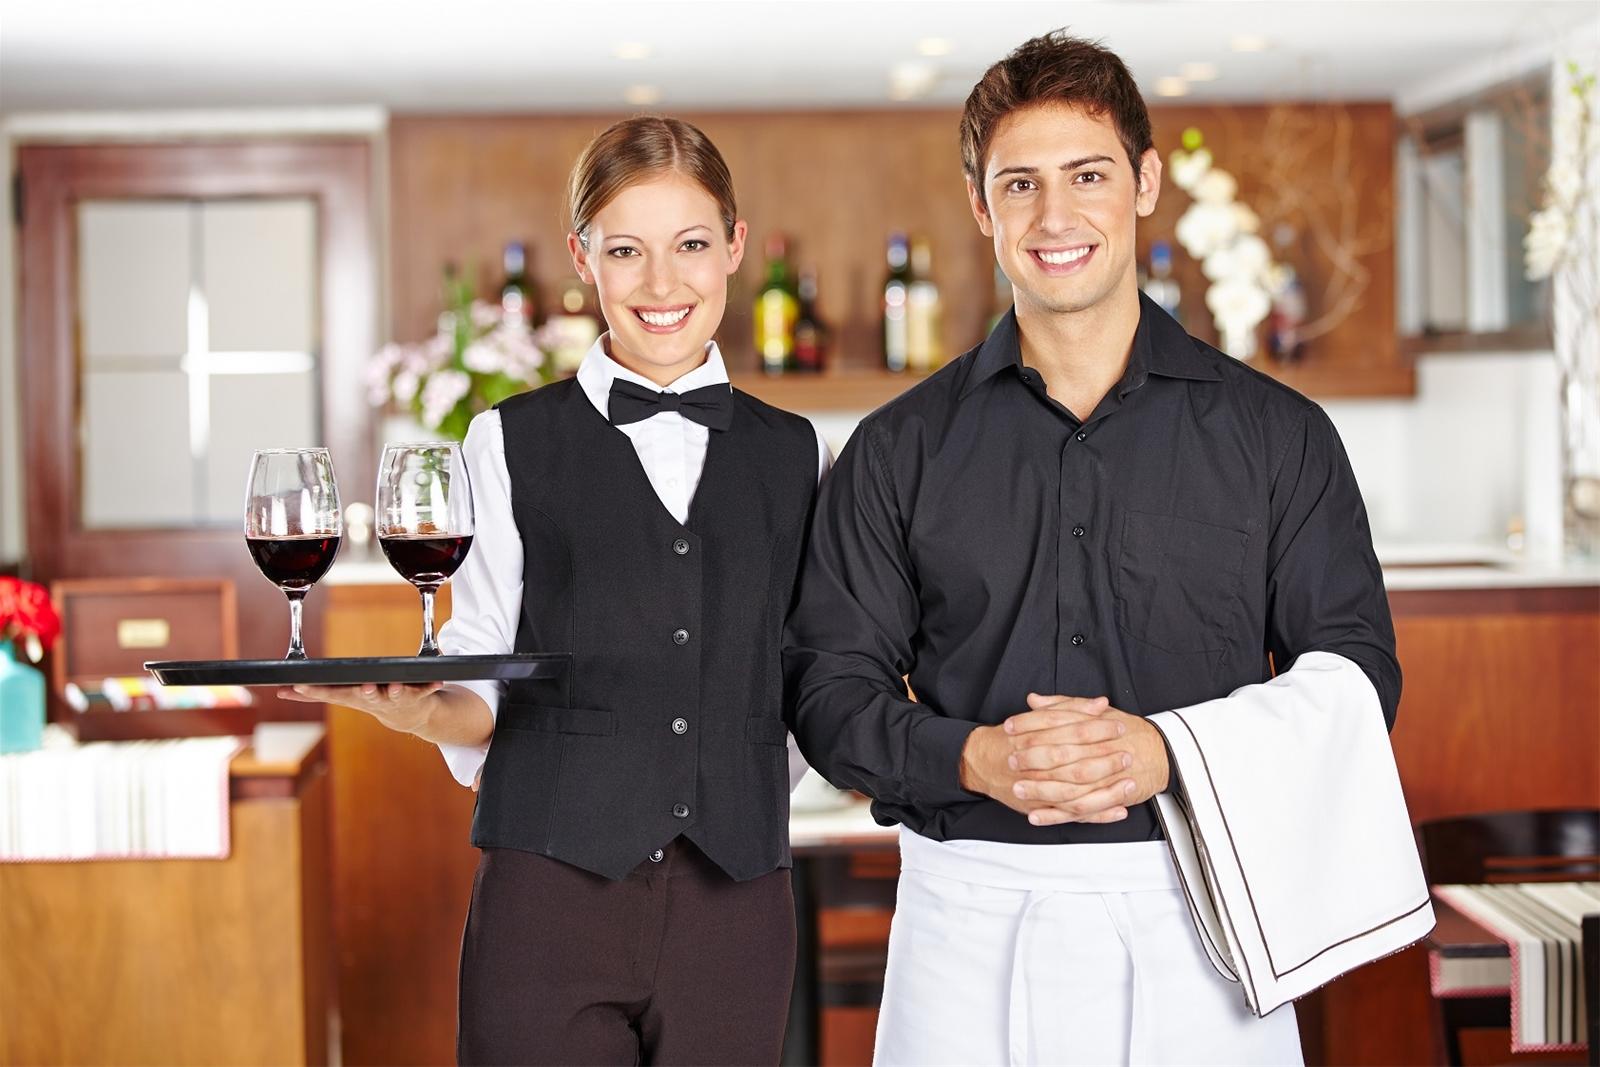 quy trình phục vụ nhà hàng theo chuẩn